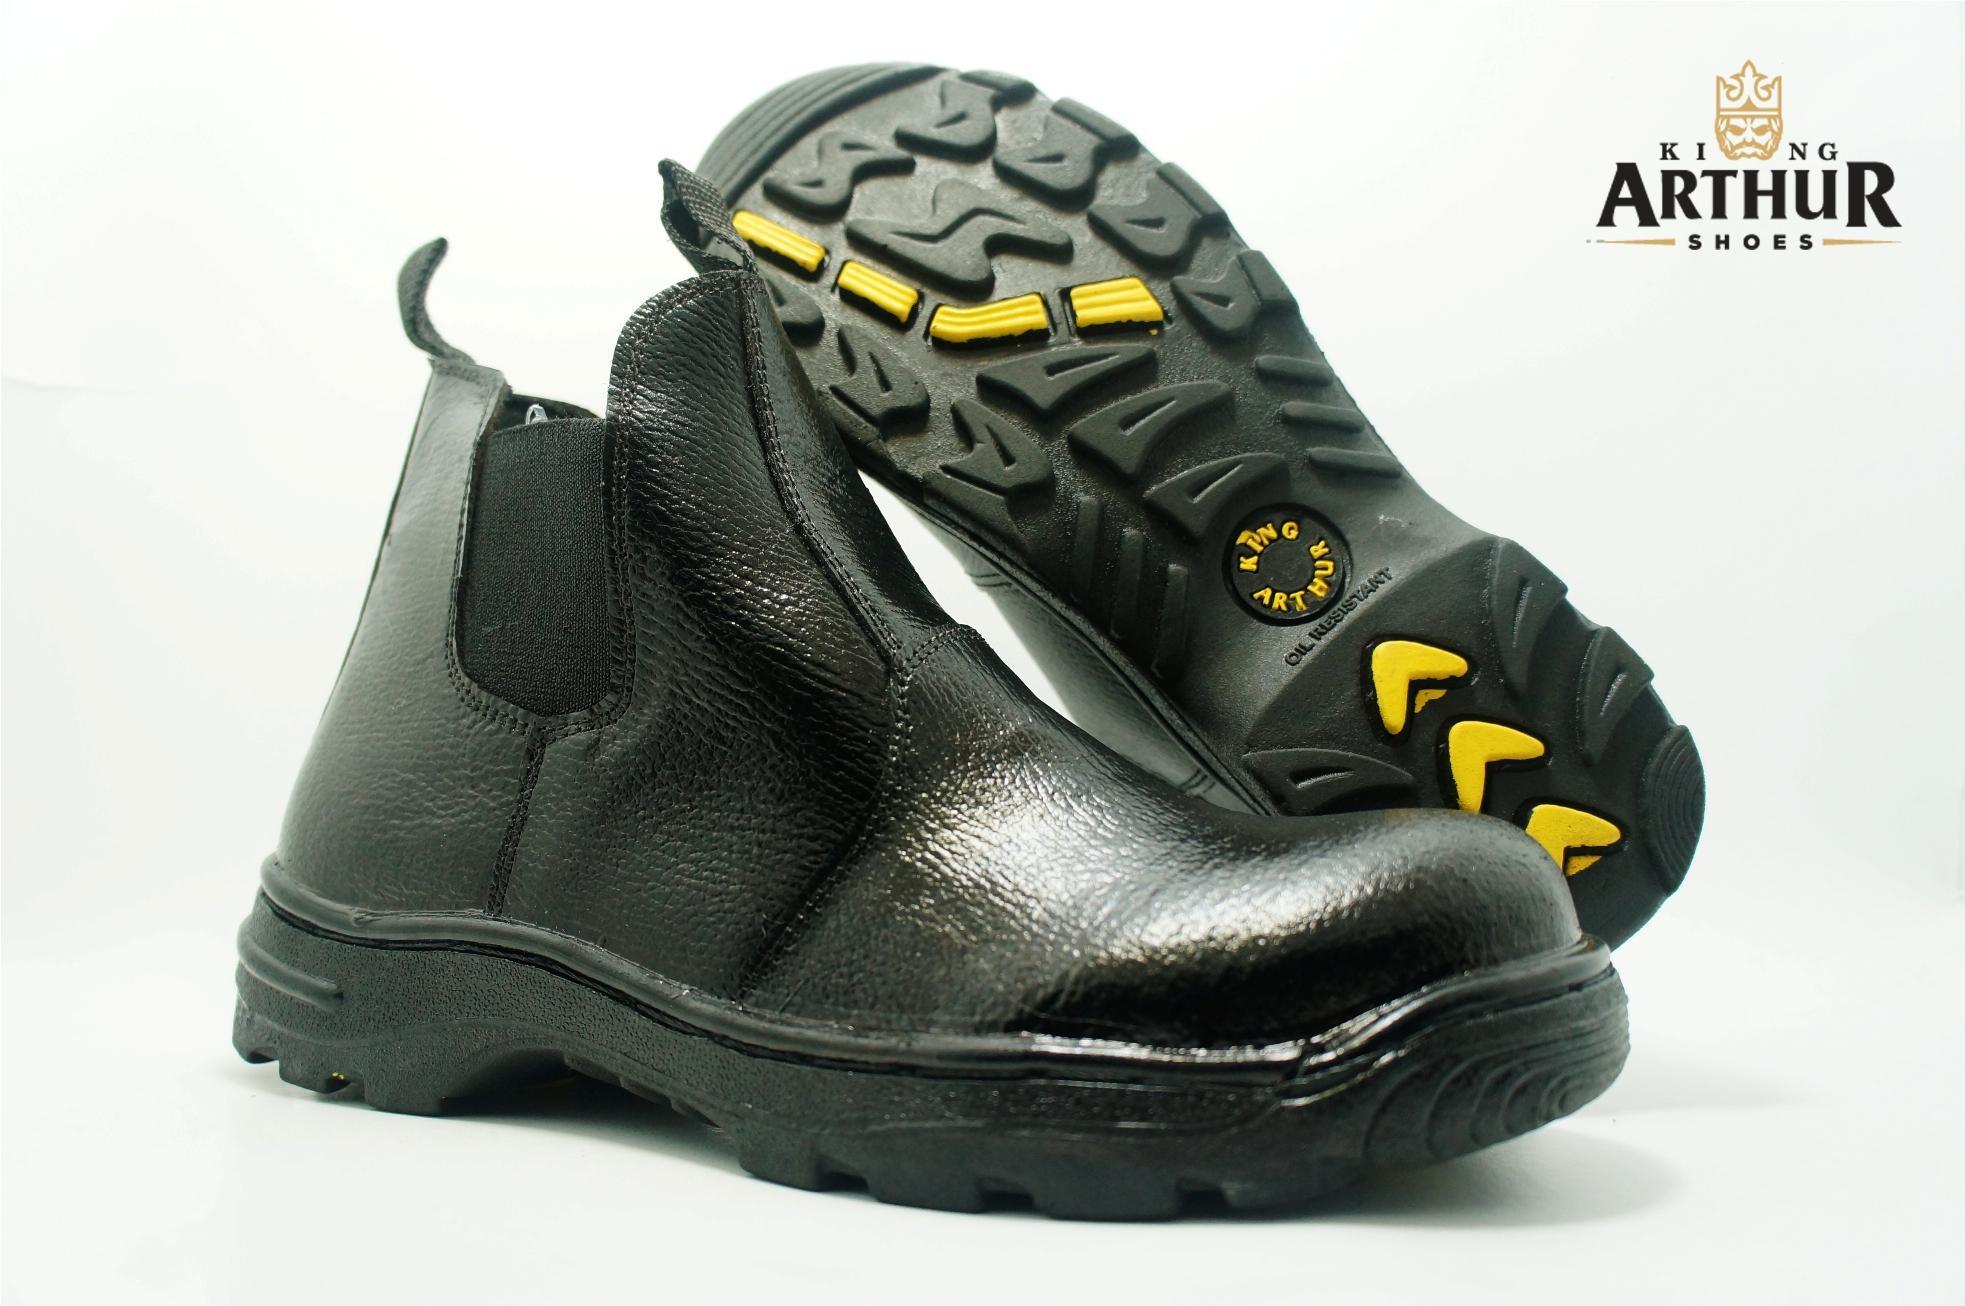 Sepatu Safety Karet Samping Asli Kulit King Arthur By Counter Sepatu.